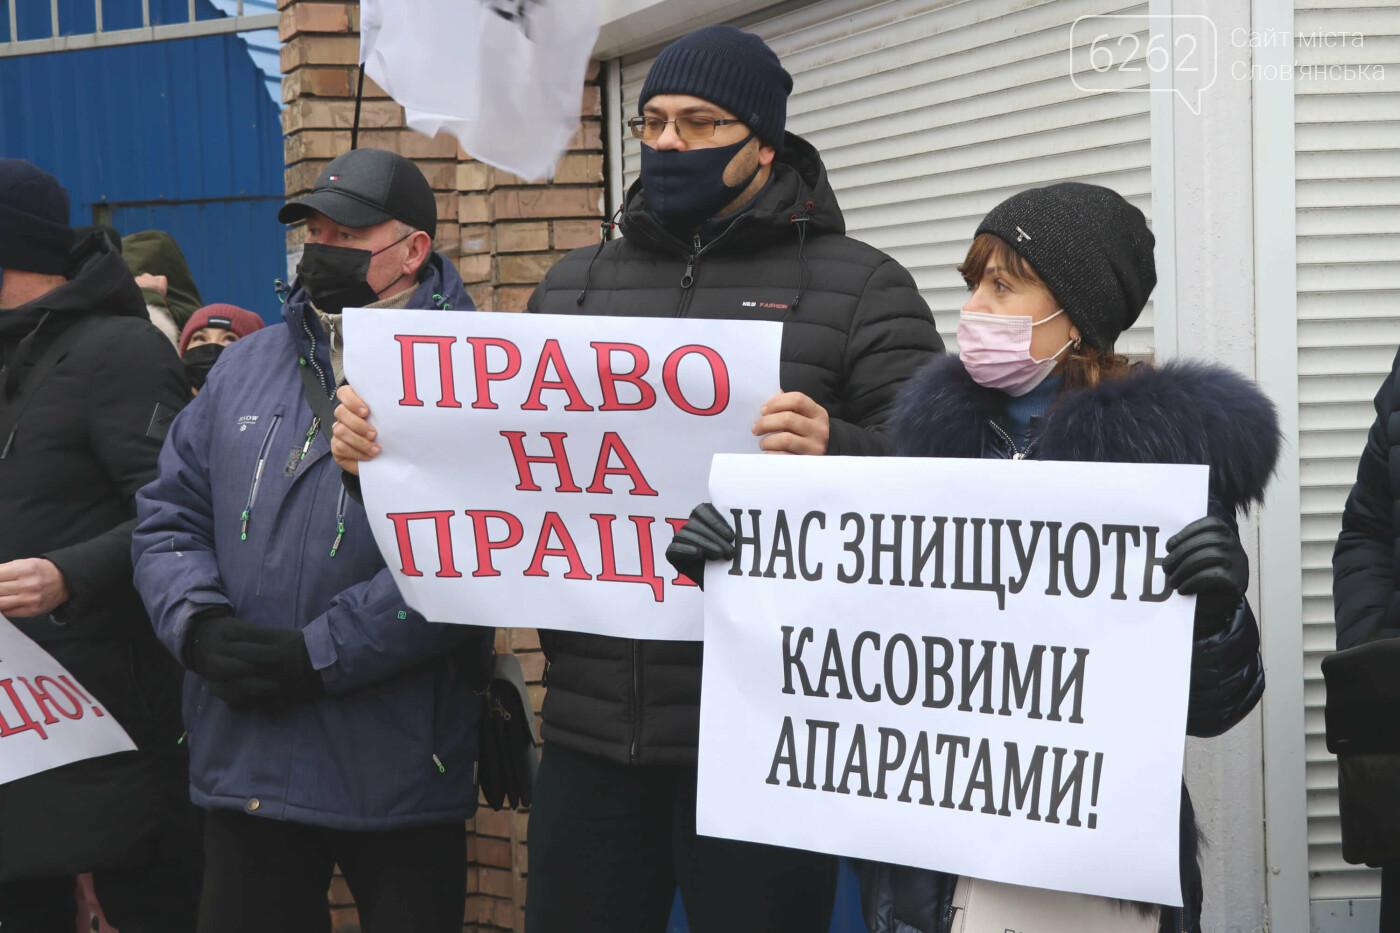 Save ФОП: у Слов'янську підприємці вийшли на мітинг - ФОТО, фото-3